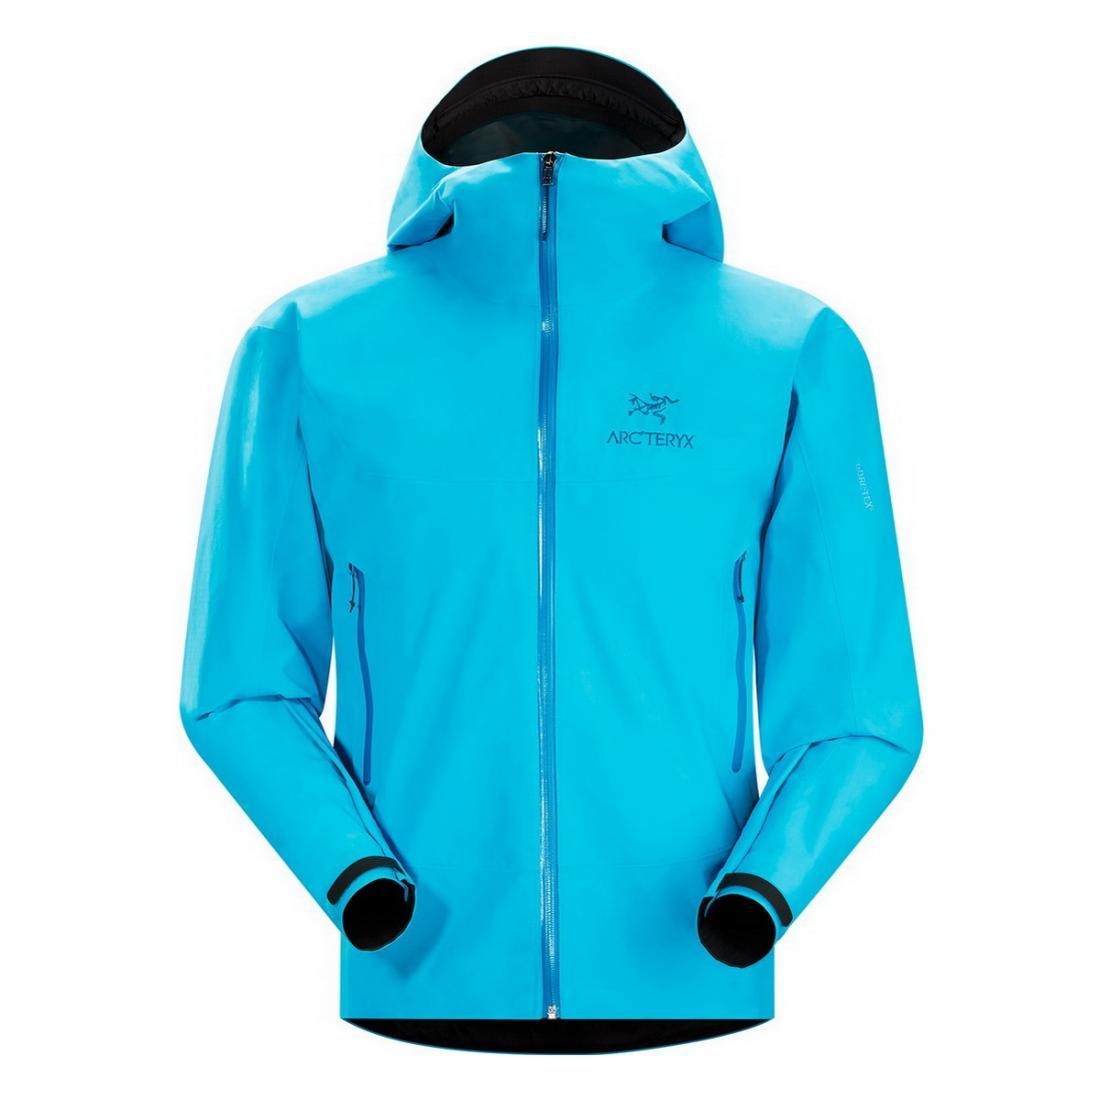 Куртка Beta SL муж.Куртки<br><br> Мужская куртка Beta SL Jacket бренда Arcteryx обладает невероятно малым весом и, вместе с тем, отличается прочностью. Она предназначена для защит...<br><br>Цвет: Бирюзовый<br>Размер: XL